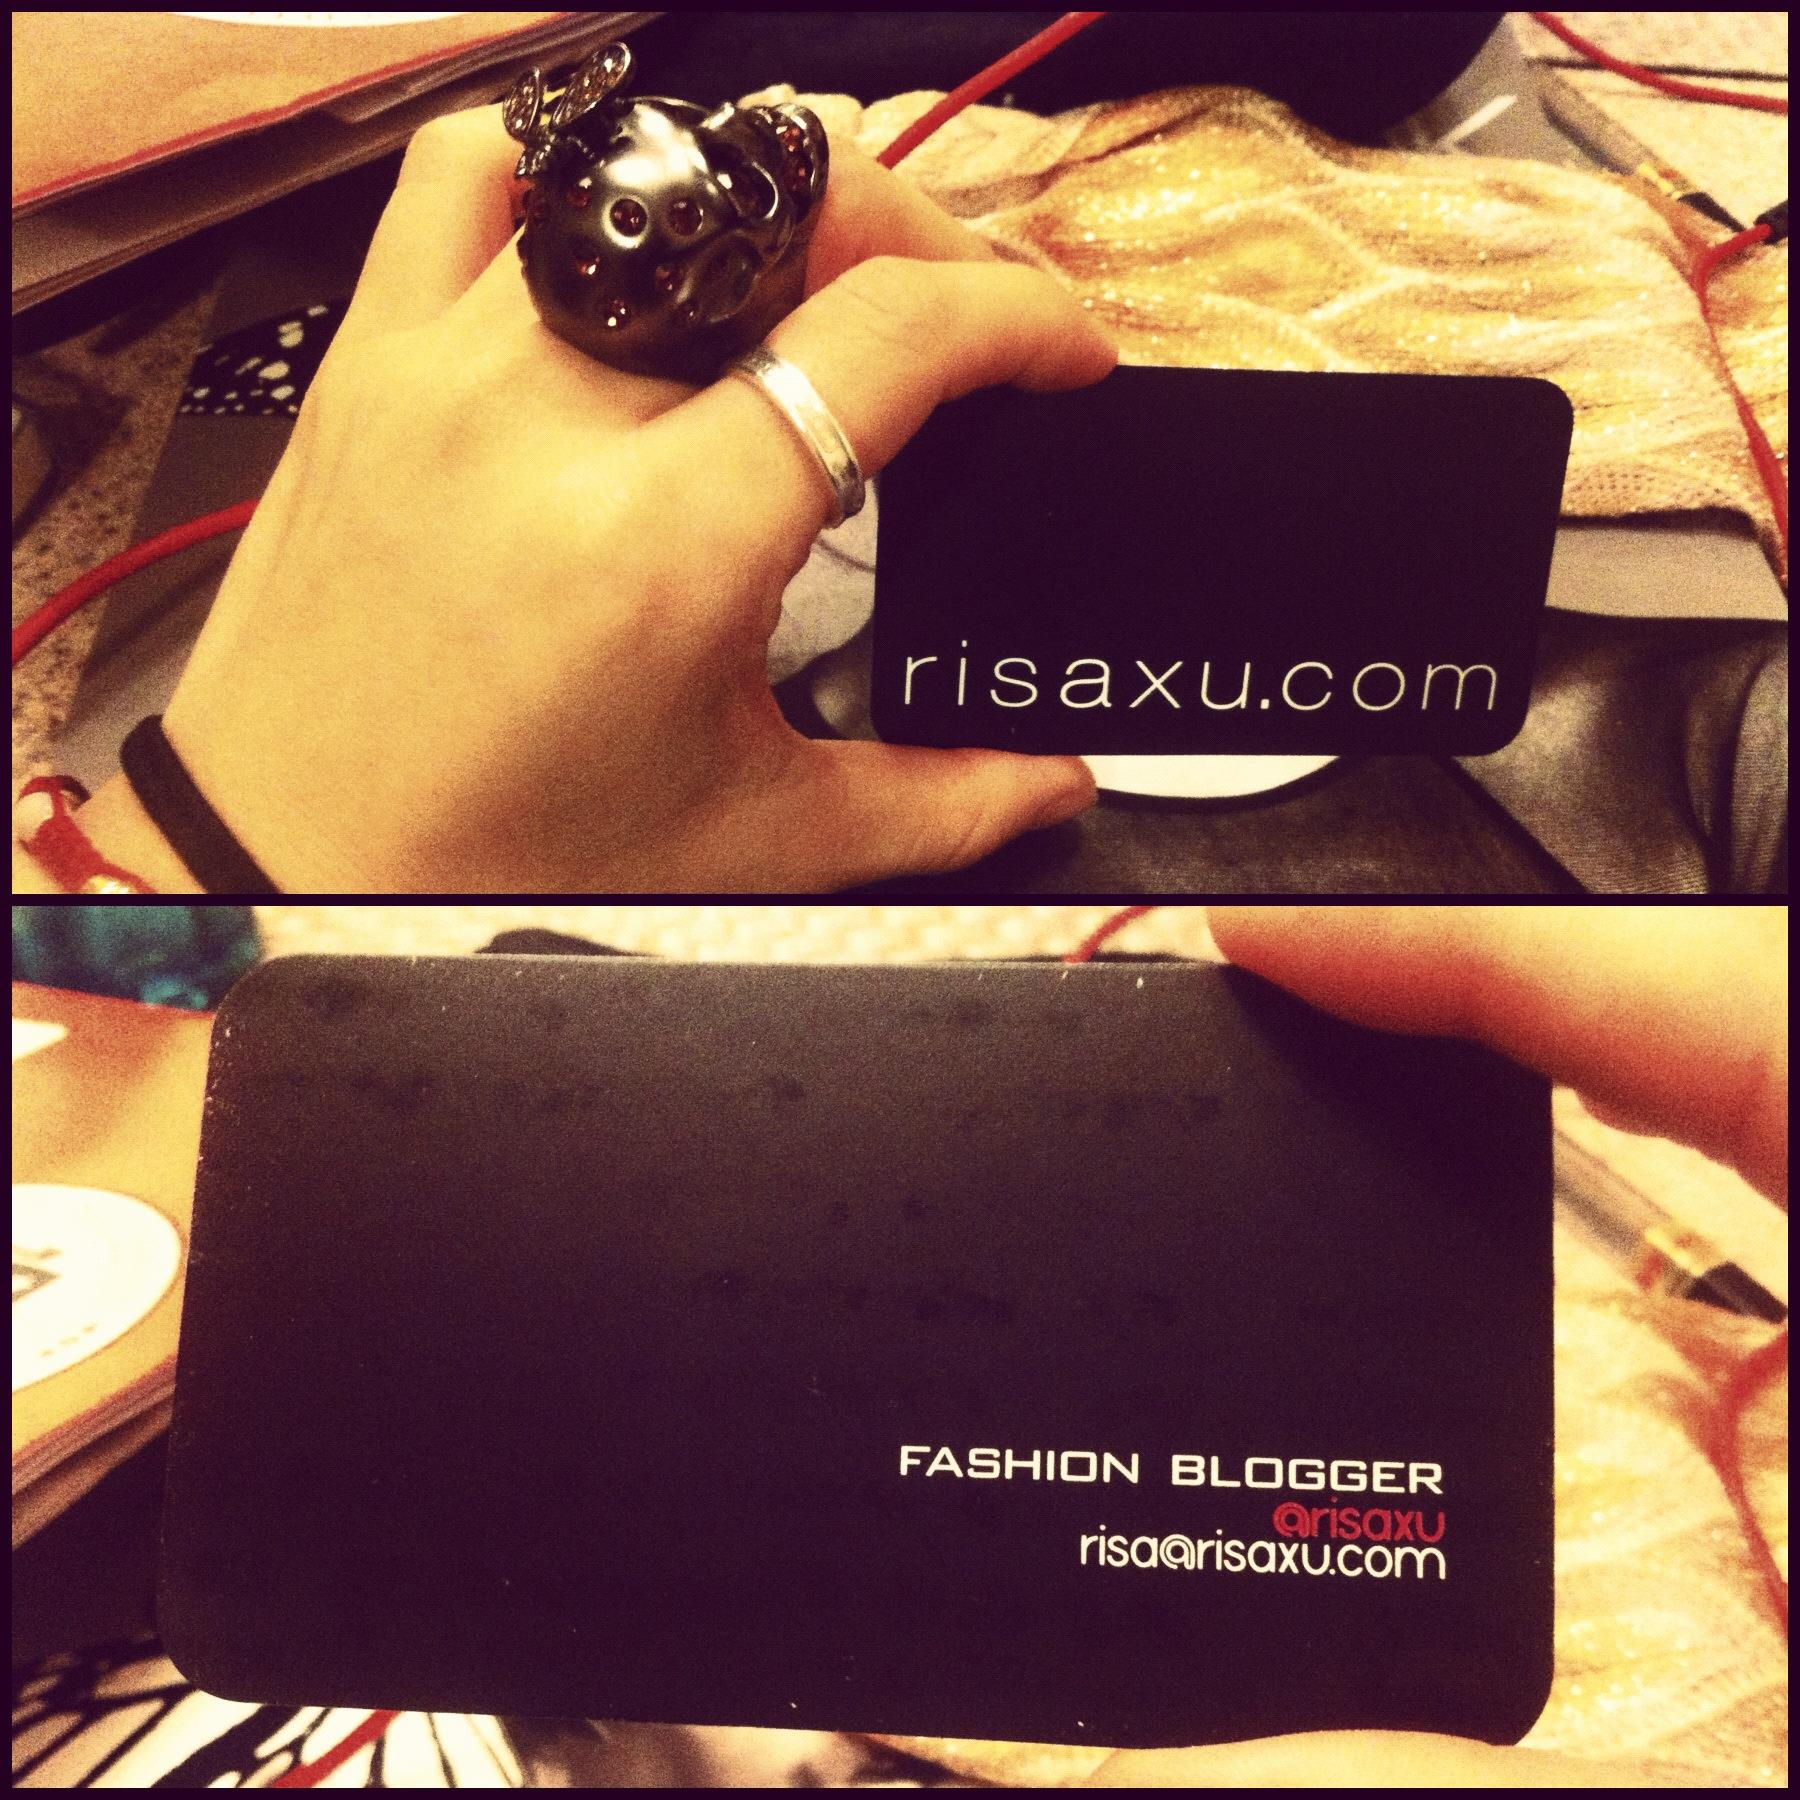 risaxu_businesscard